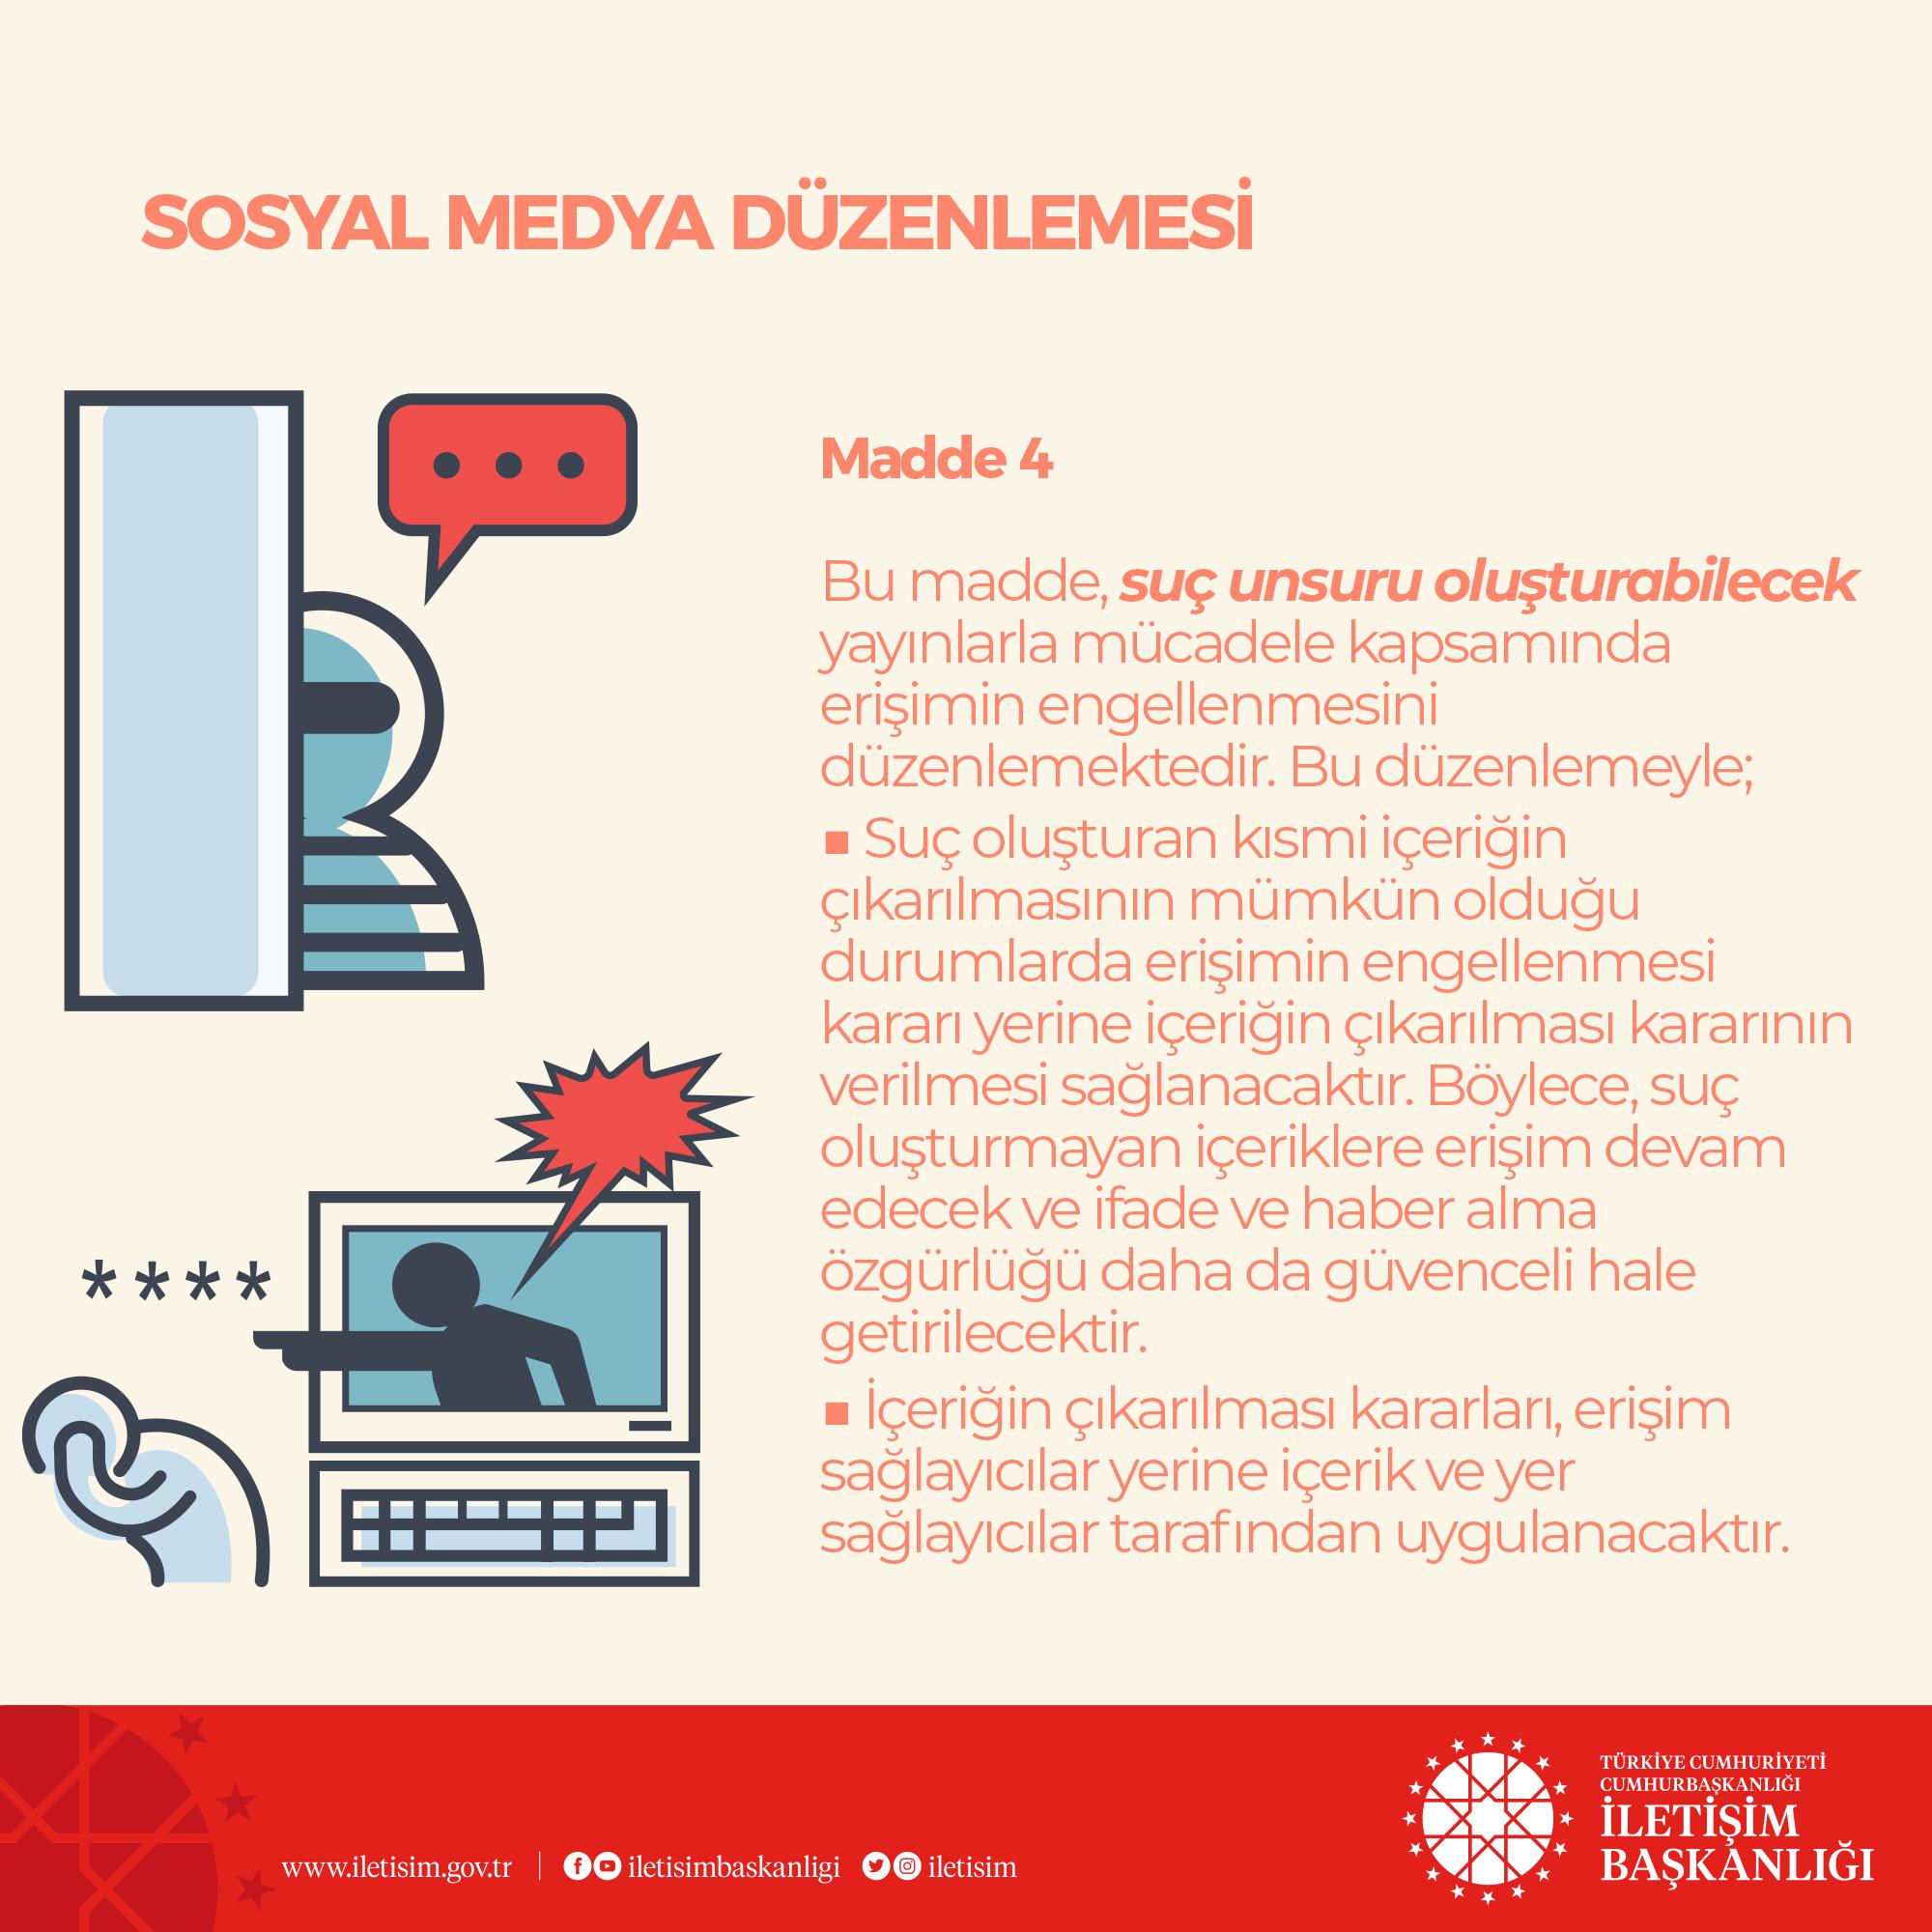 İletişim Başkanlığı, sosyal medya düzenlemesini anlattı #4